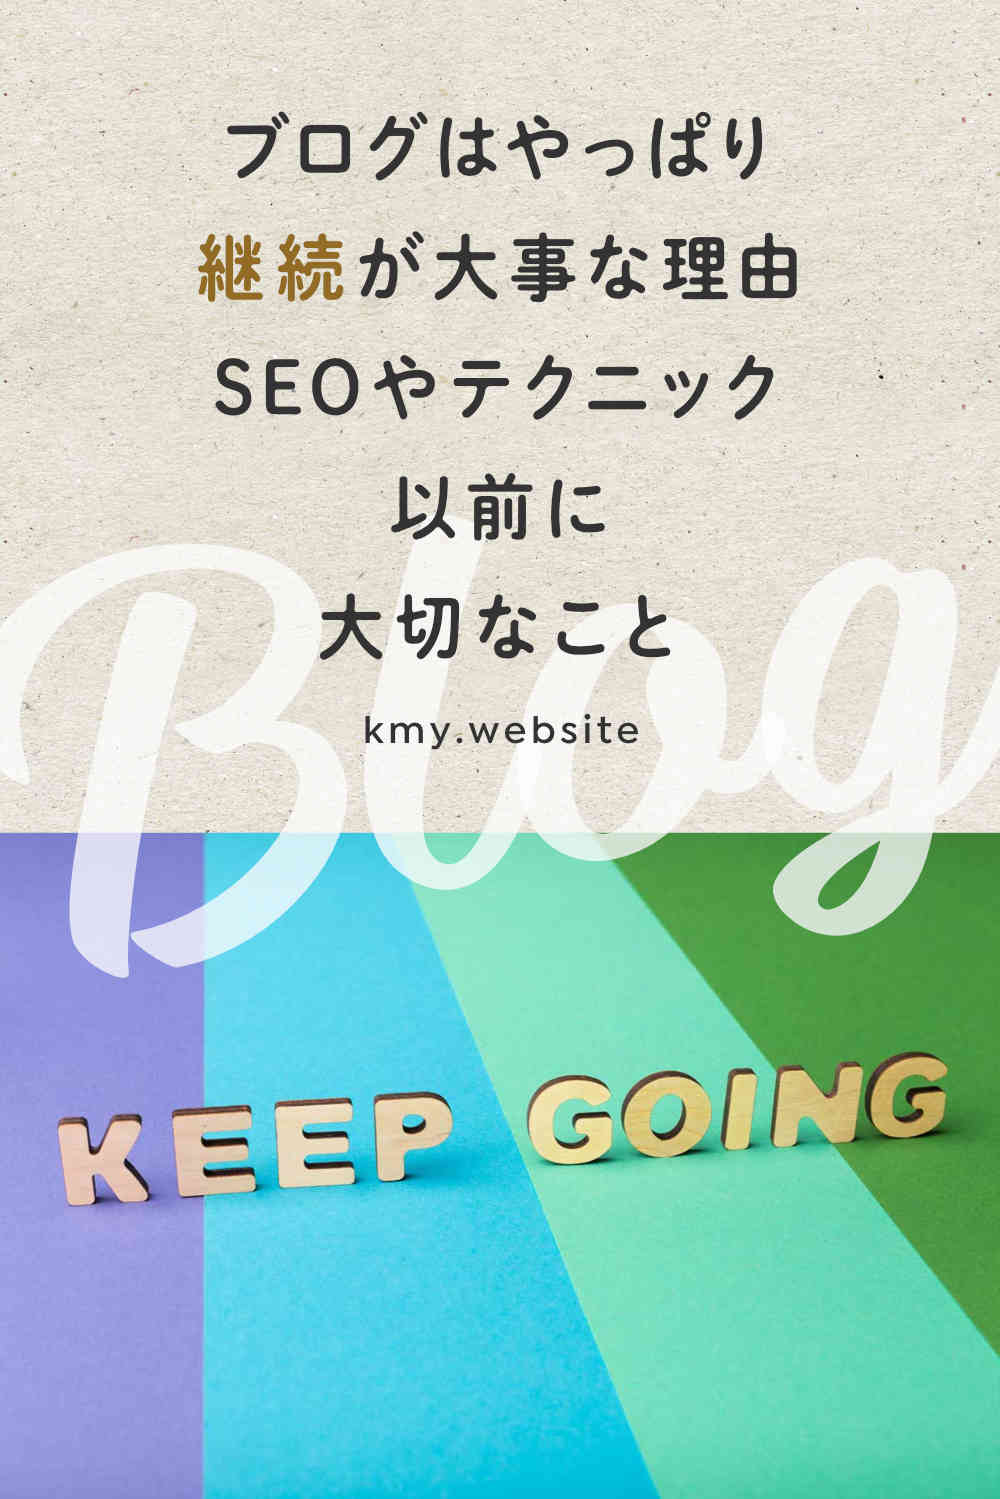 ブログはやっぱり継続が大事な理由【SEOやテクニック以前に大切なこと】